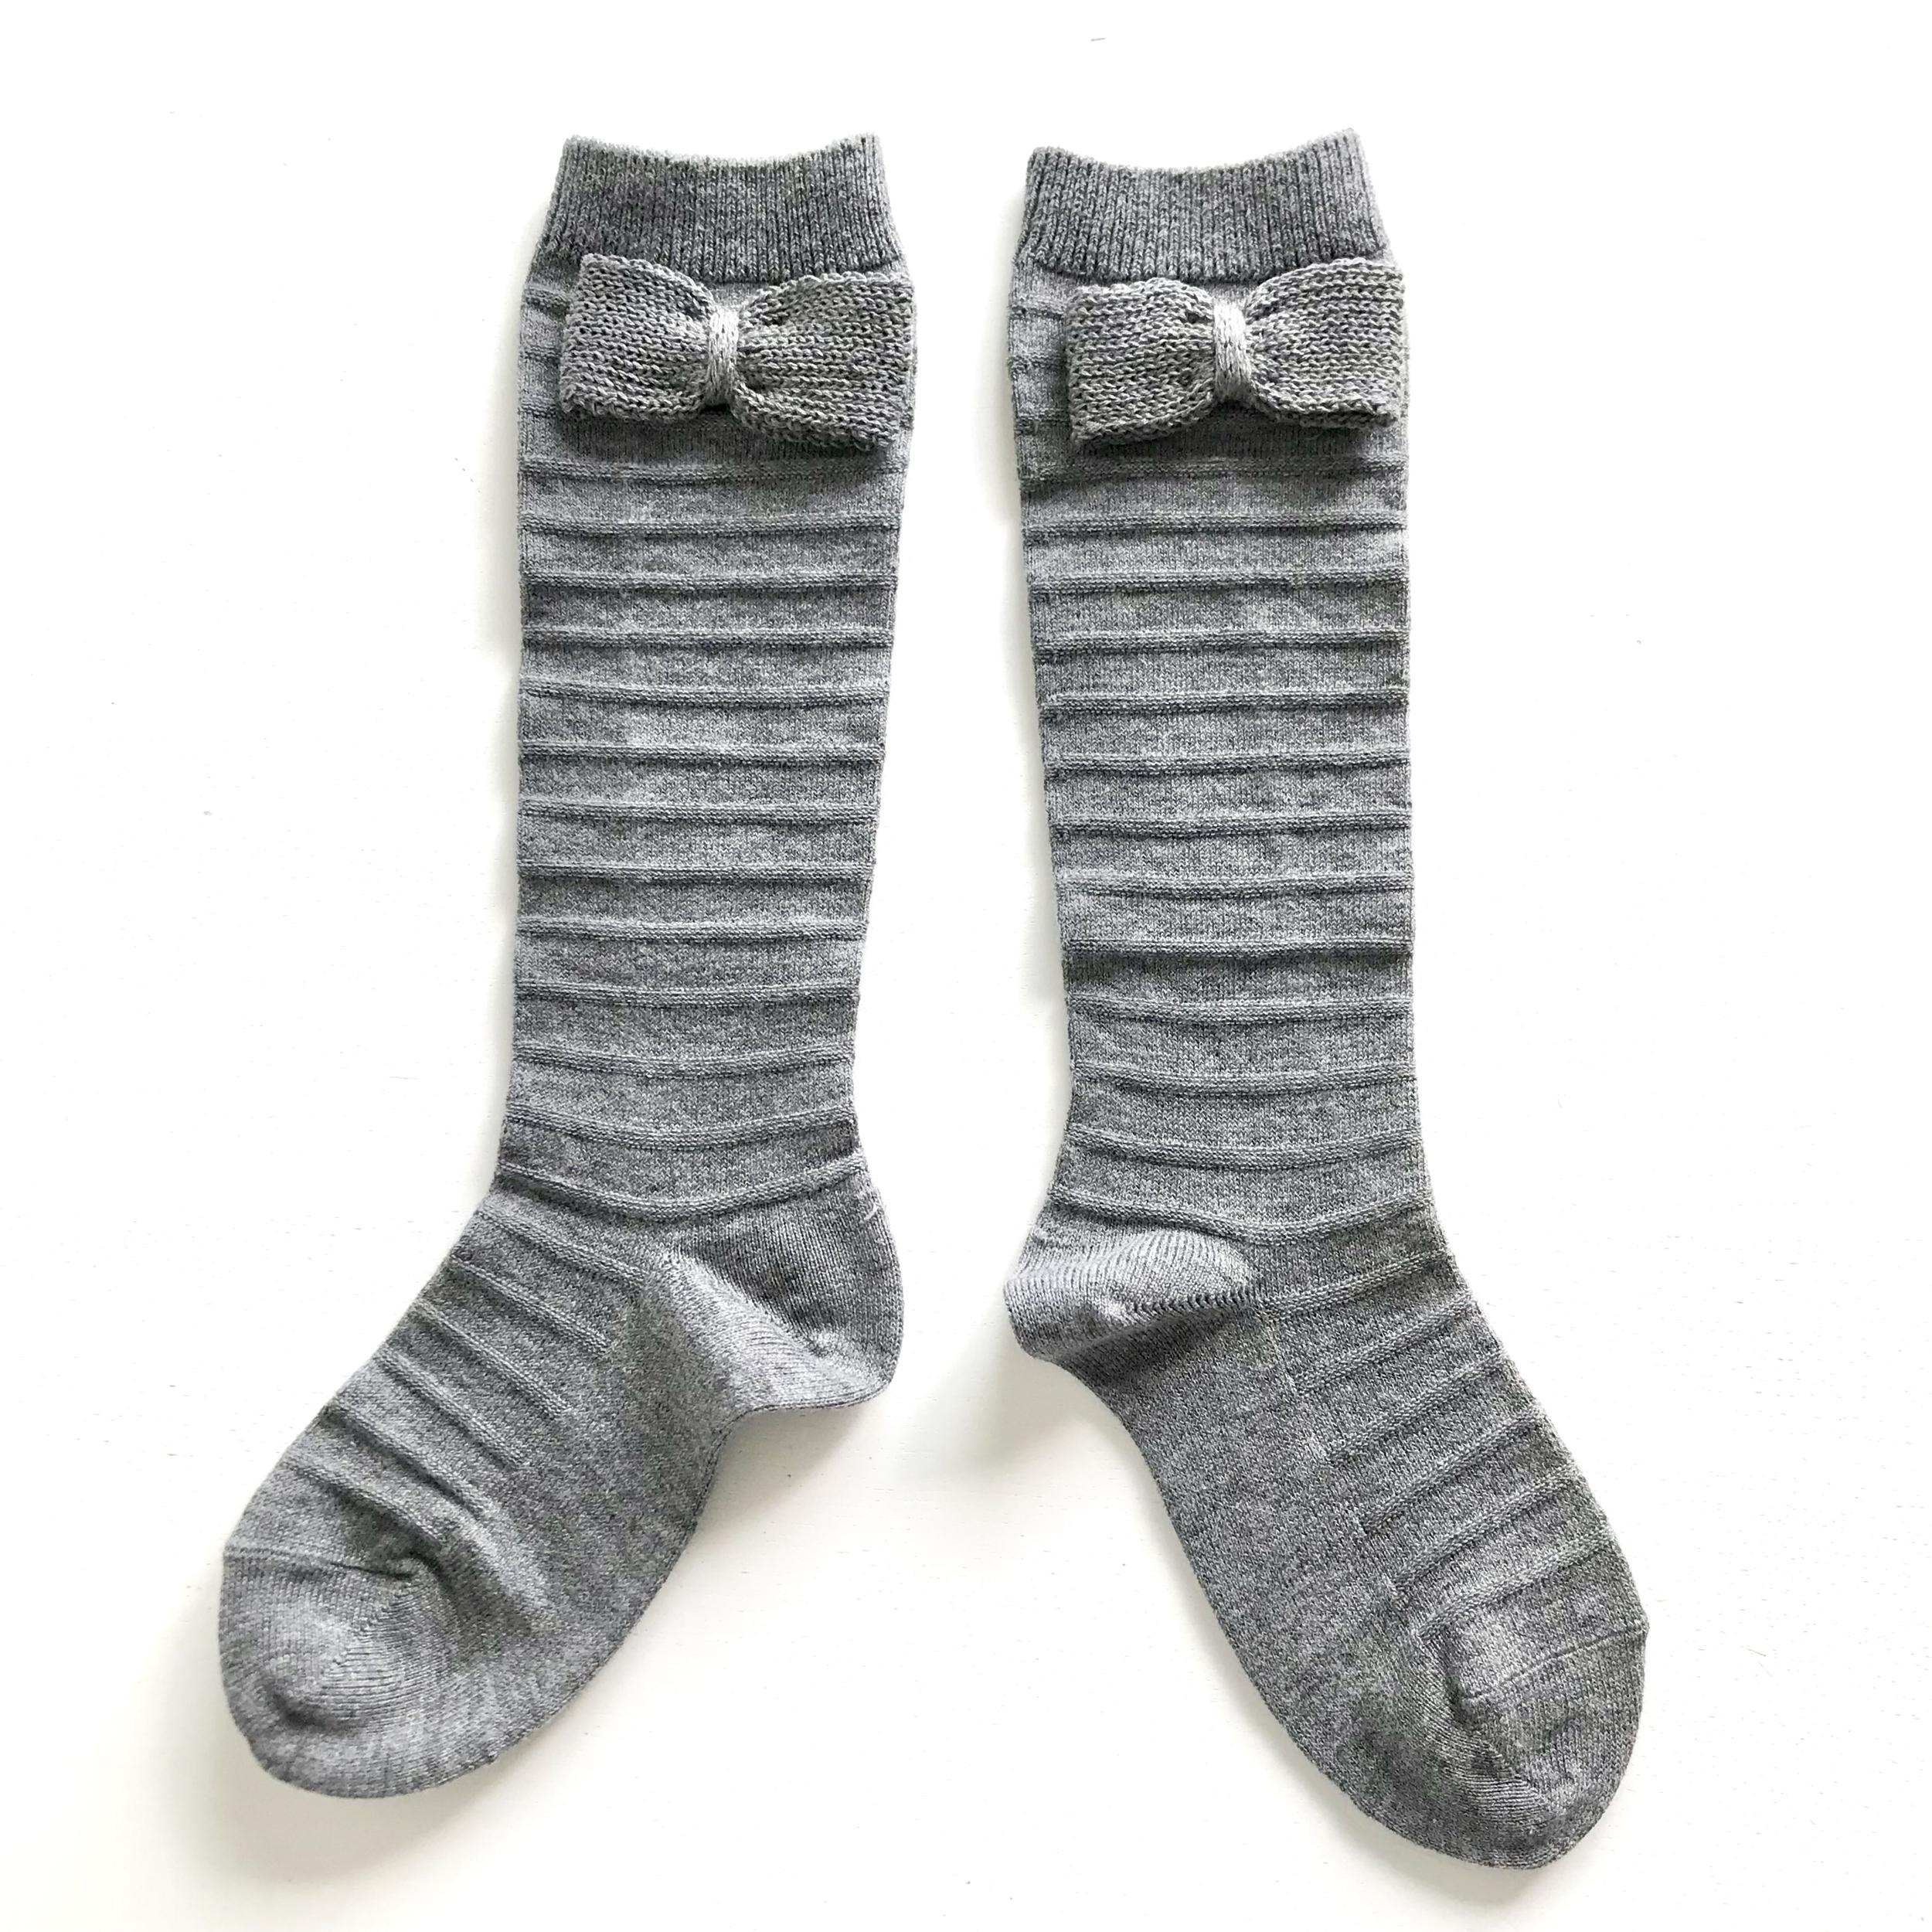 Chaussettes hautes Relief avec noeud tricot coloris Light grey